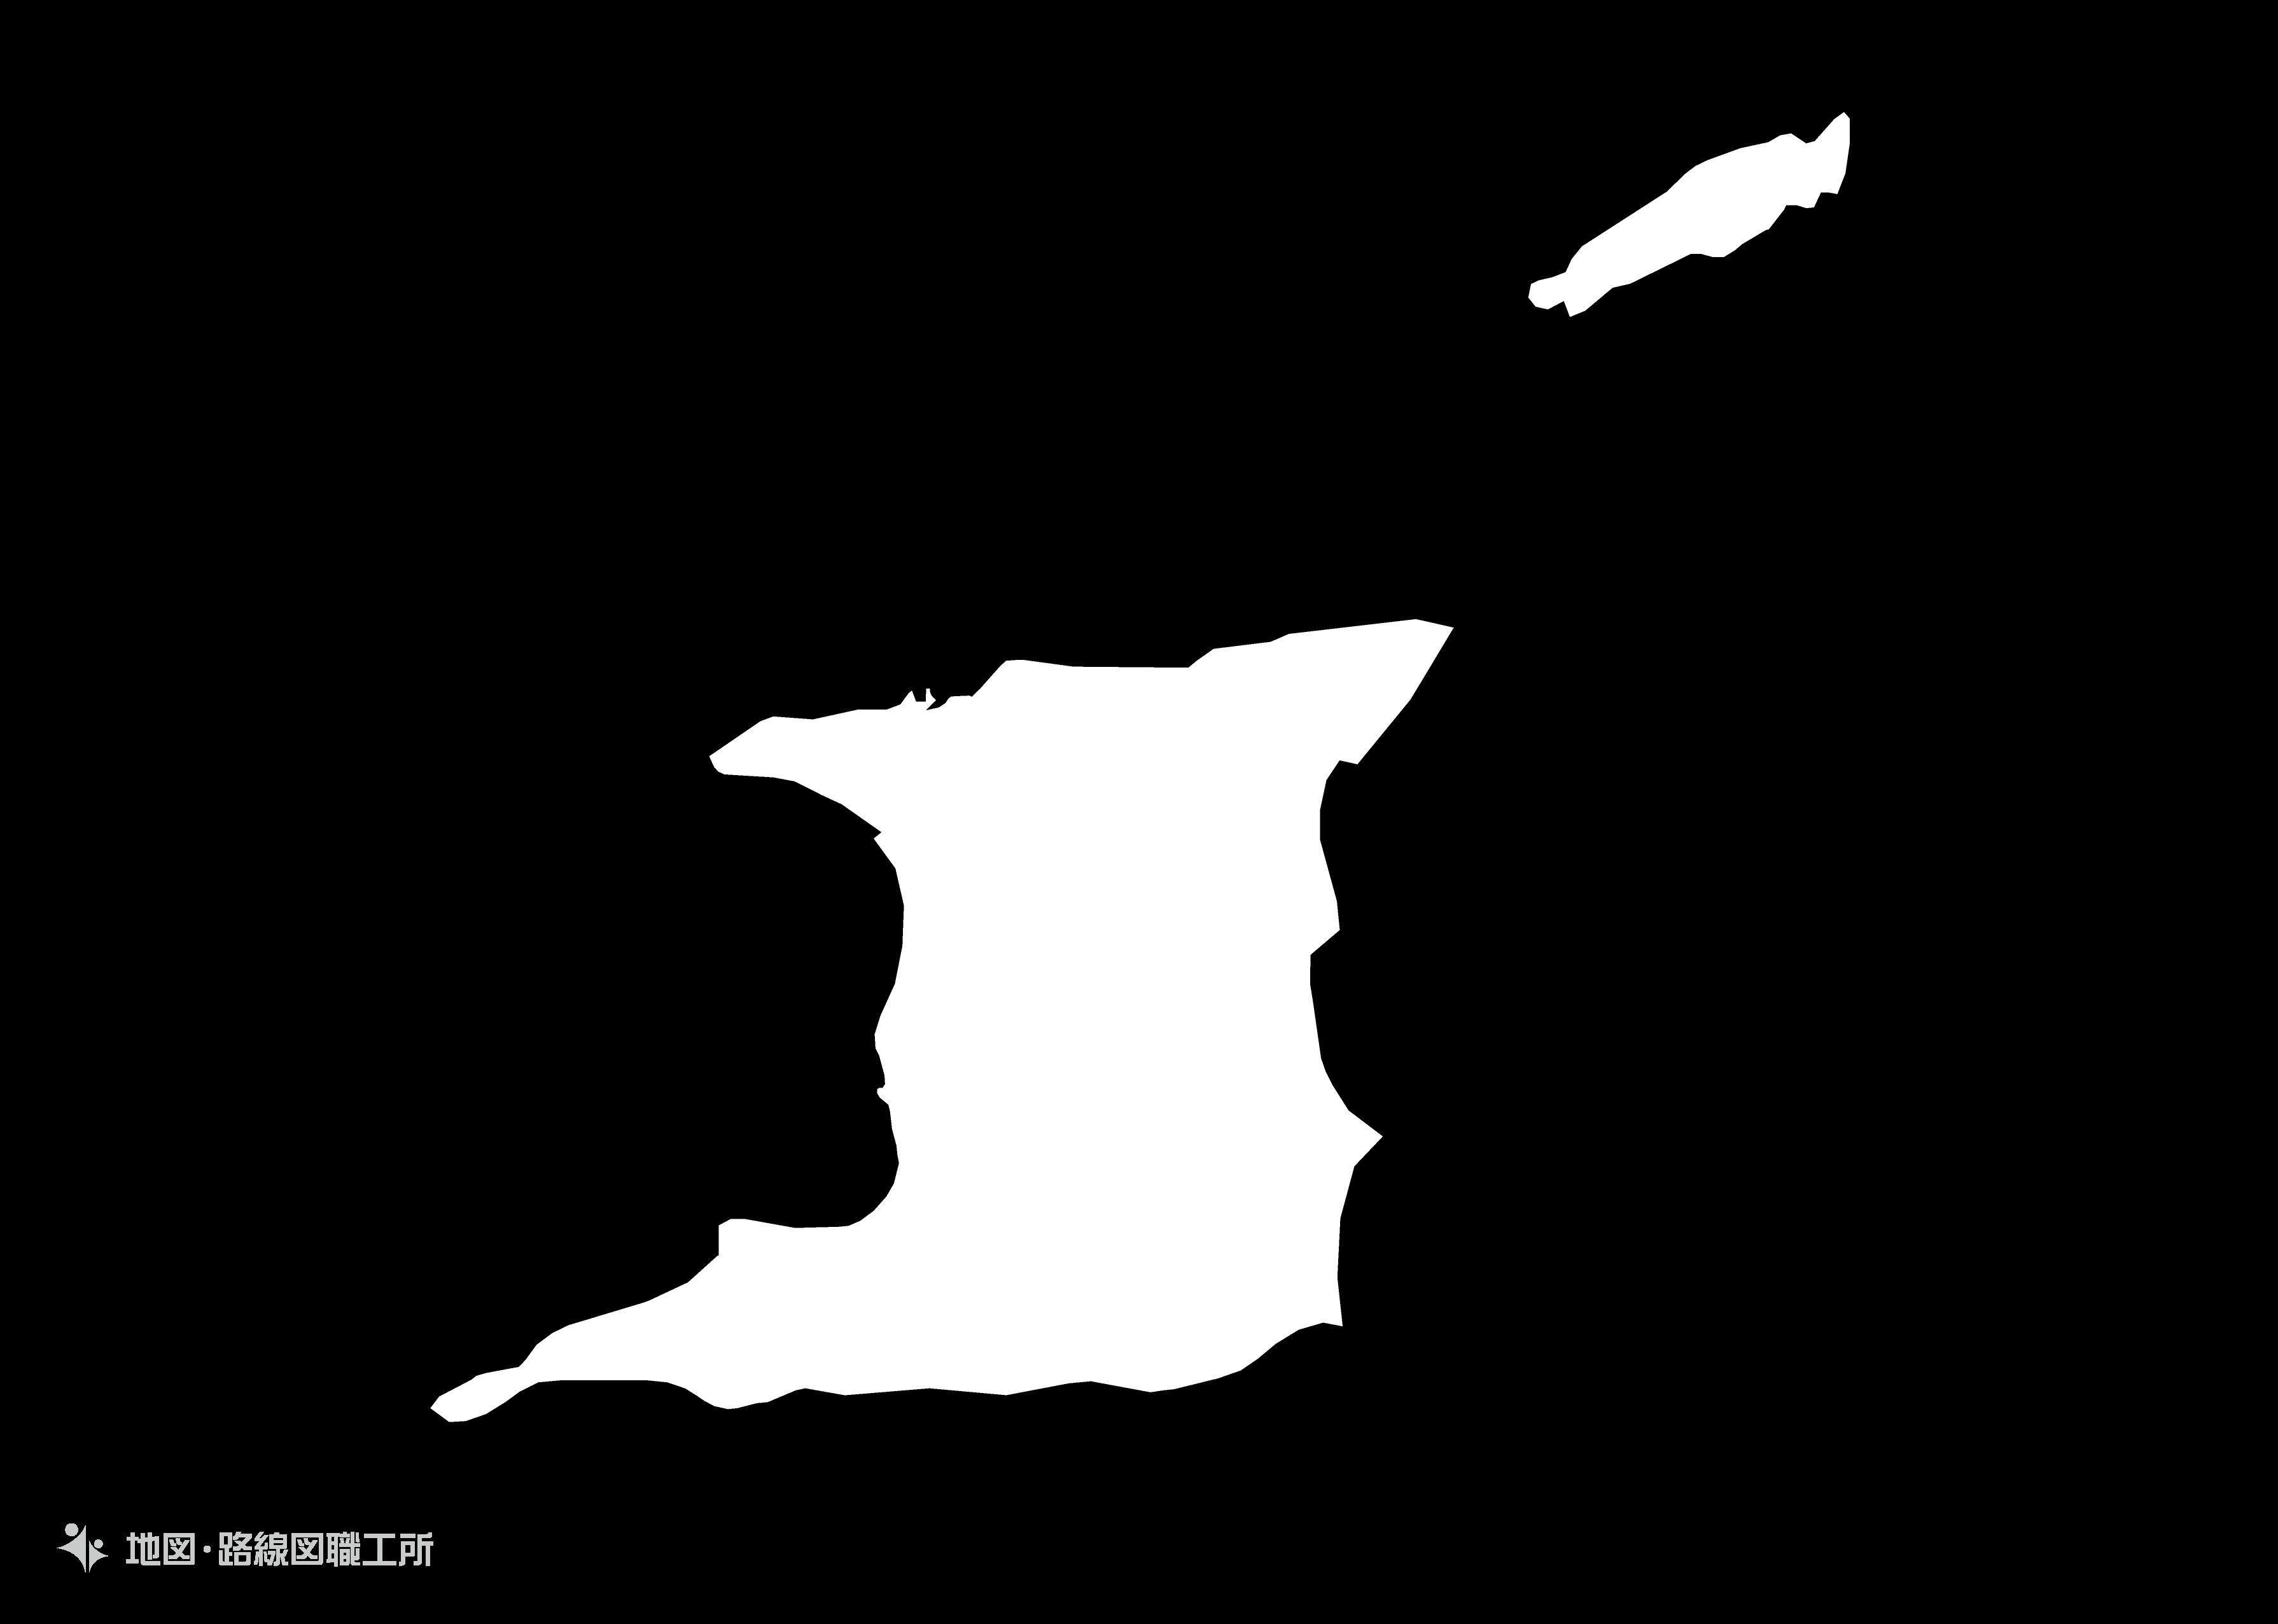 世界の白地図 トリニダード・トバゴ共和国 republic-of-trinidad-and-tobago map